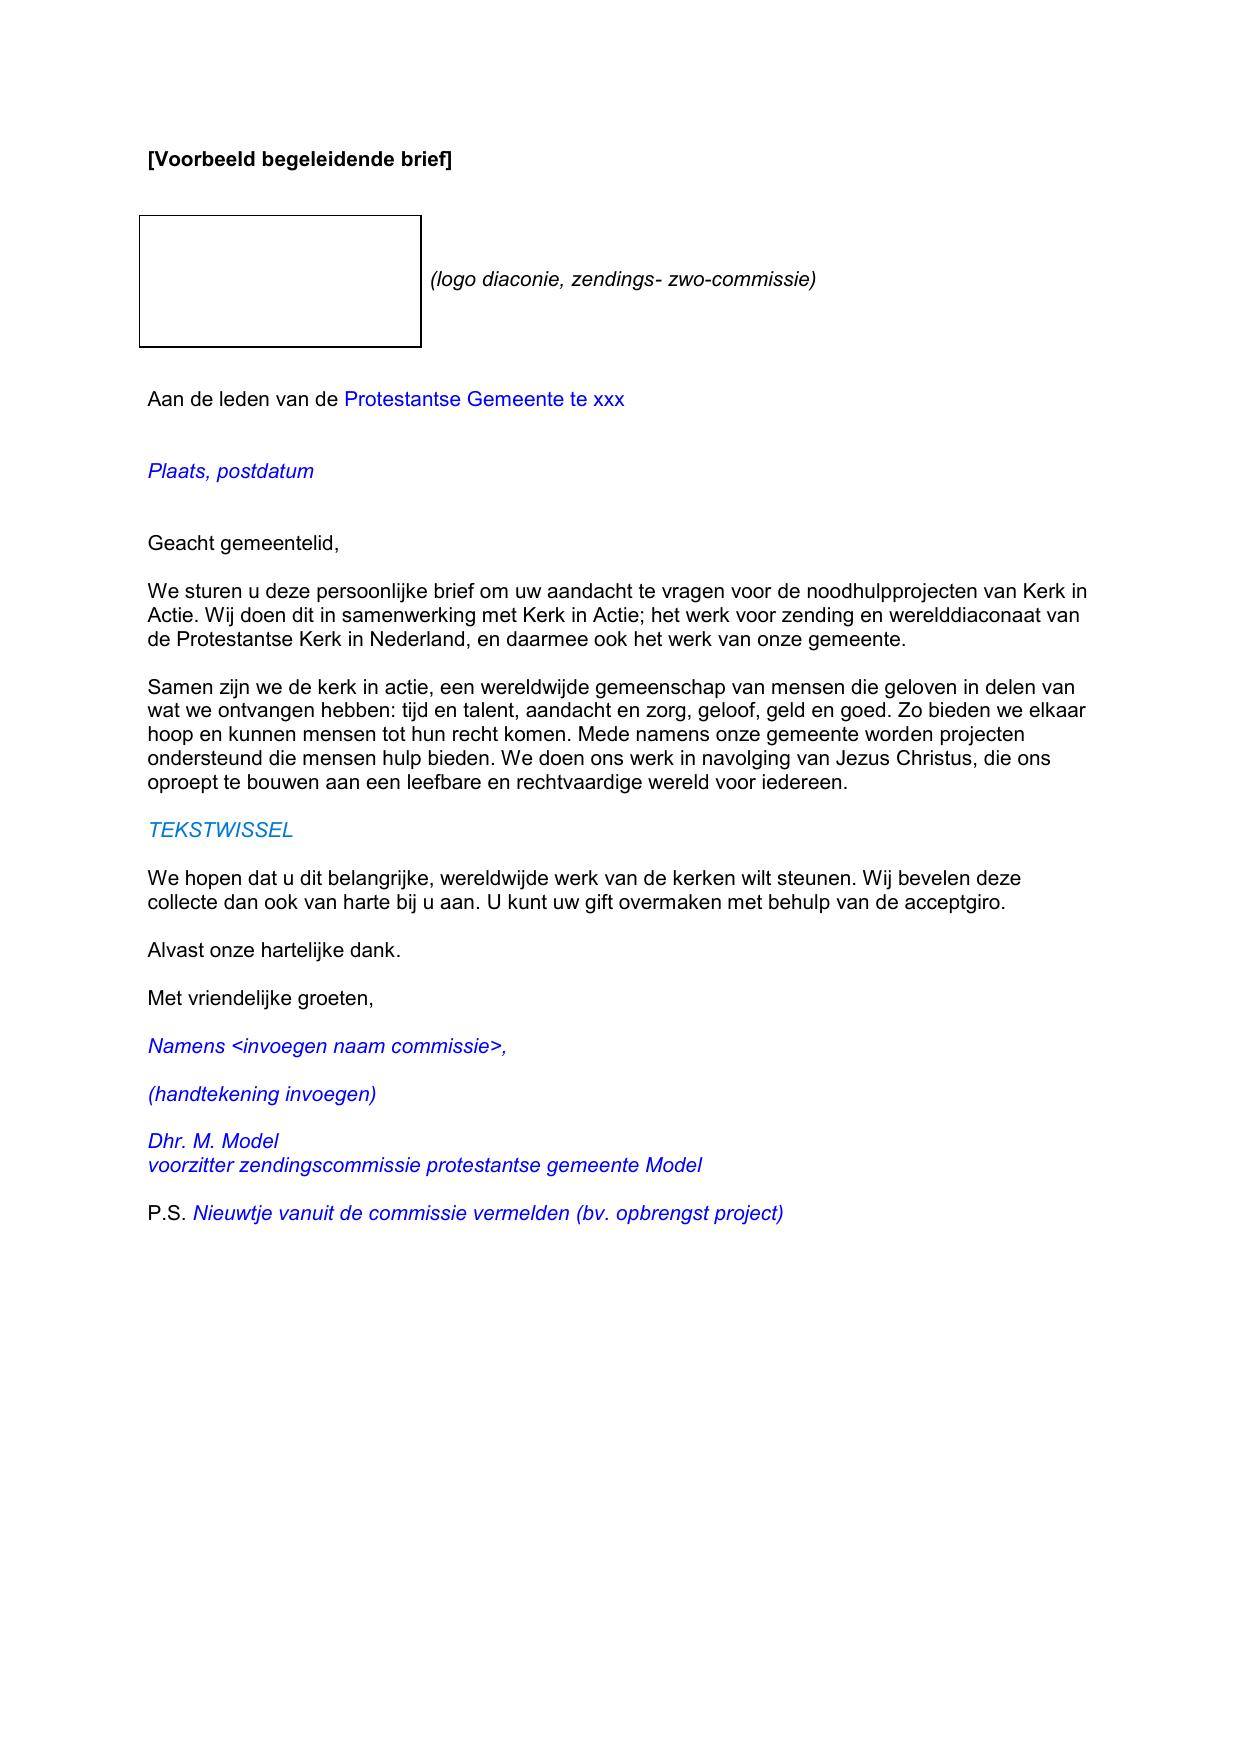 voorbeeld begeleidende brief Voorbeeld begeleidende brief